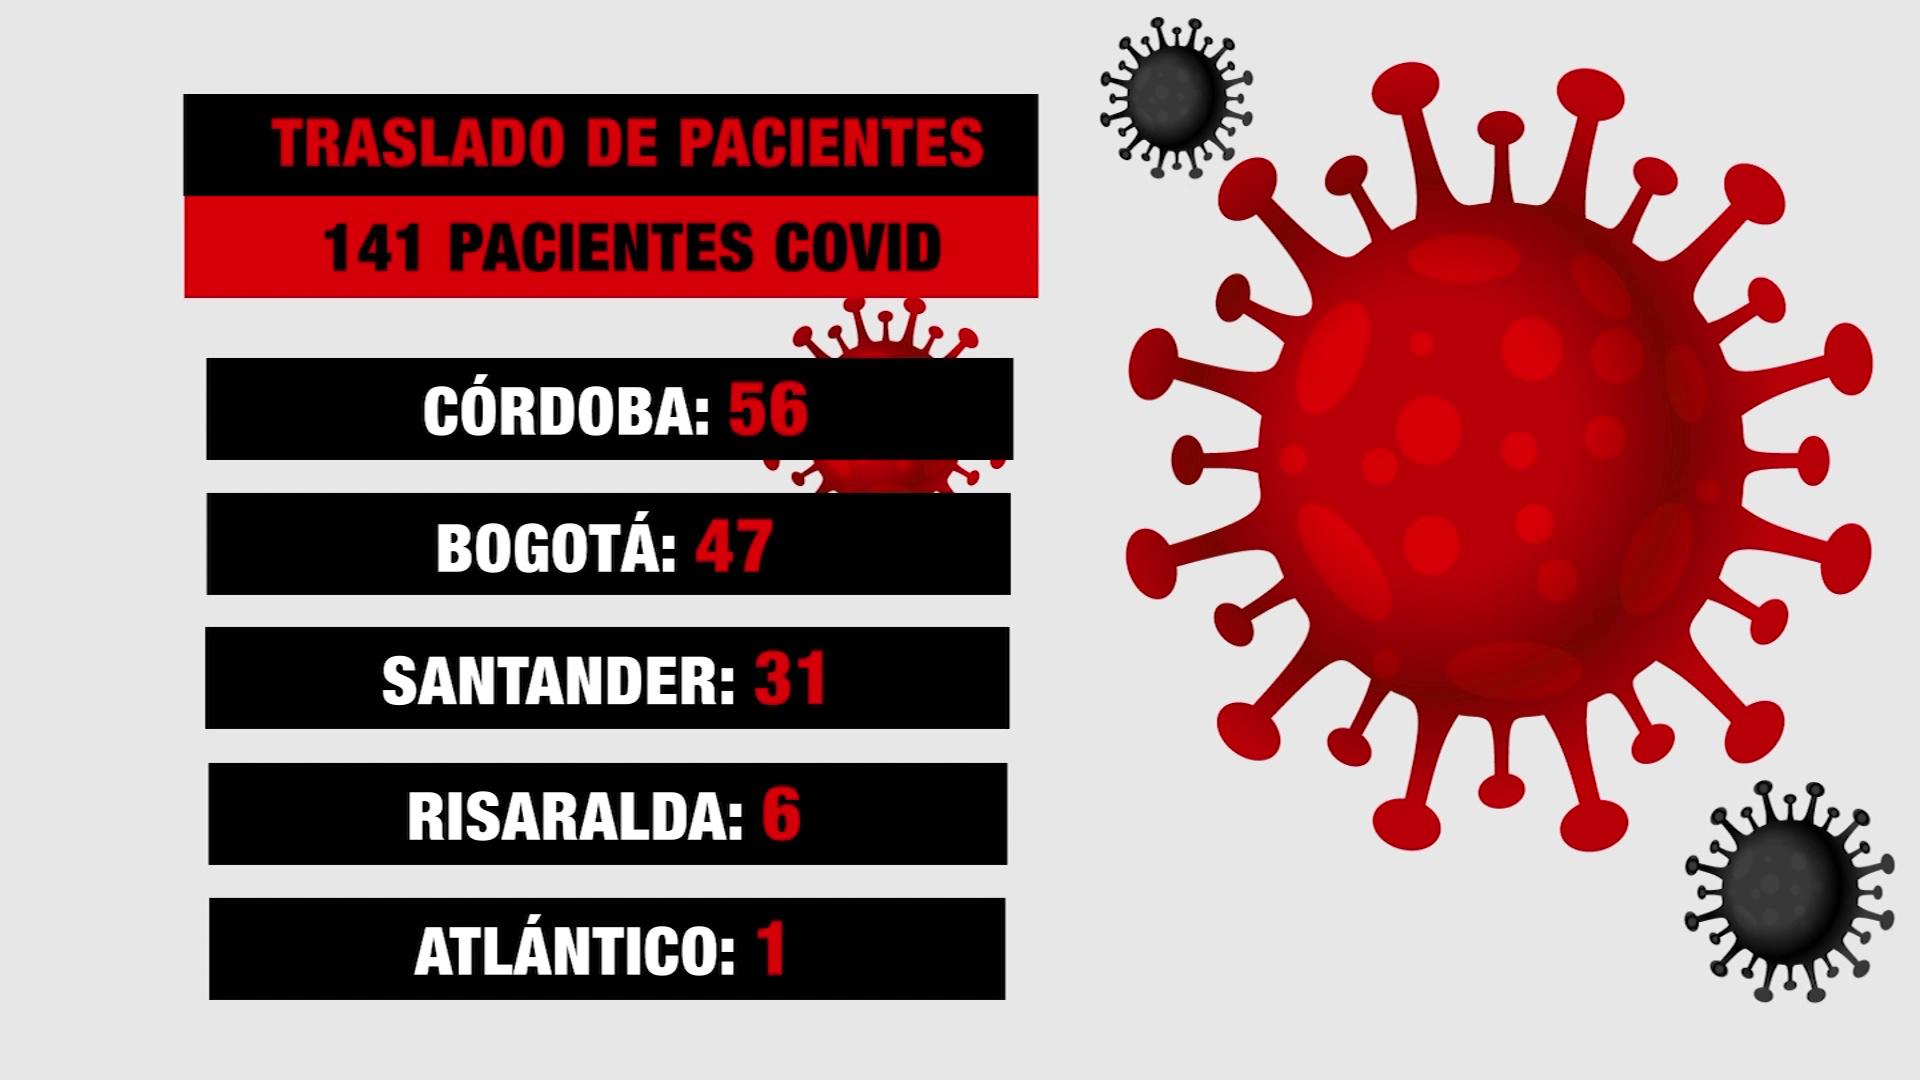 Van 141 pacientes remitidos a otras regiones del país